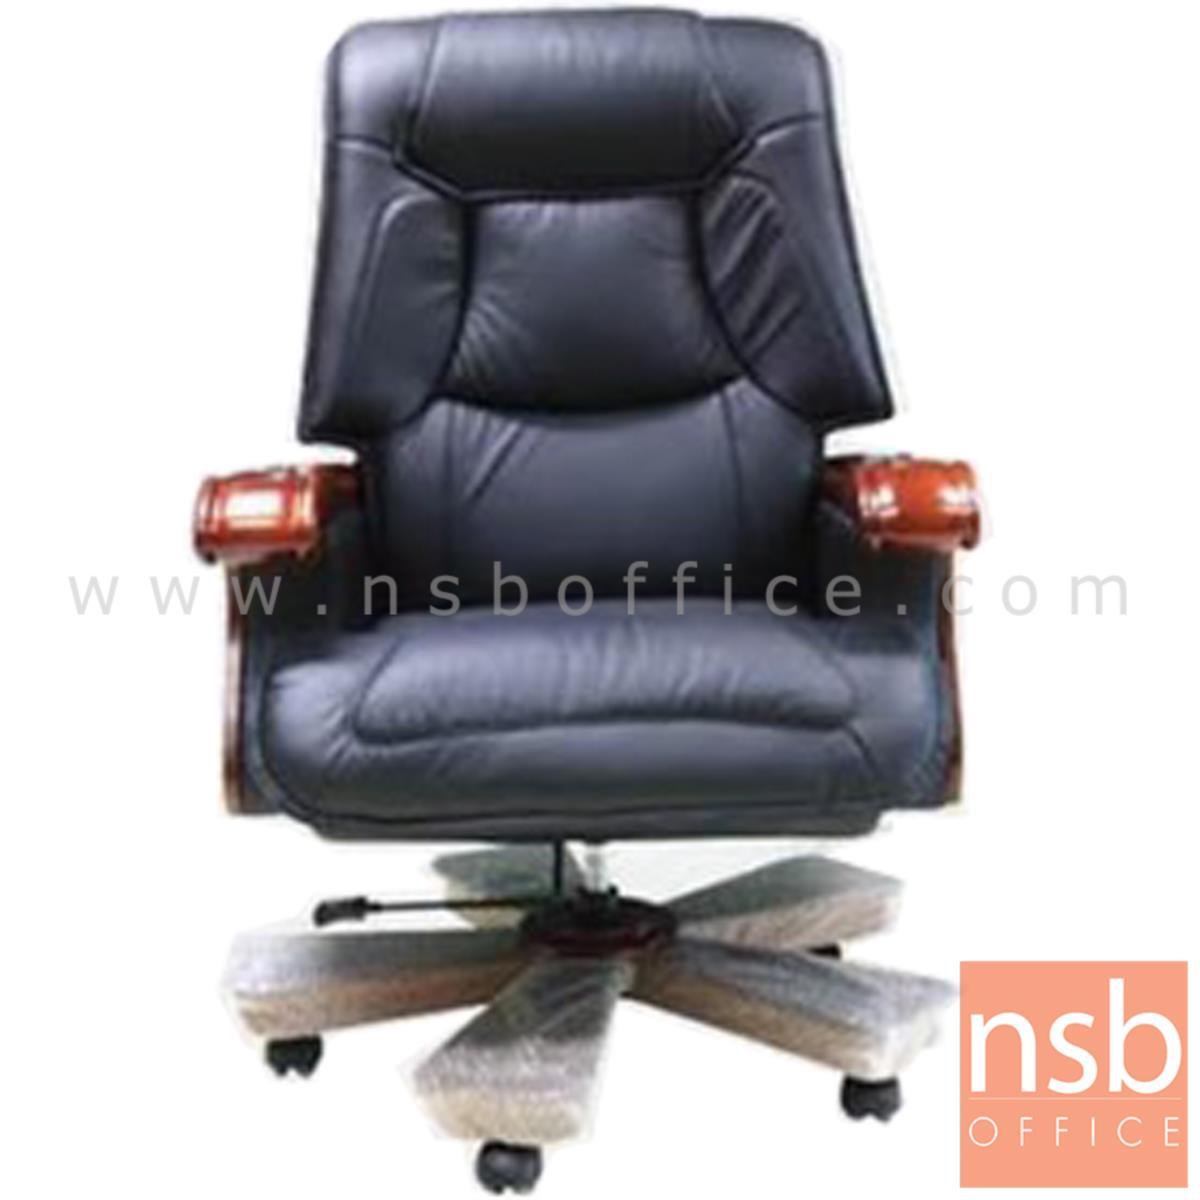 B25A136:เก้าอี้ผู้บริหารหนังแท้ รุ่น KALANCHOE (คาลันโช)  โช๊คแก๊ส ขาเหล็ก